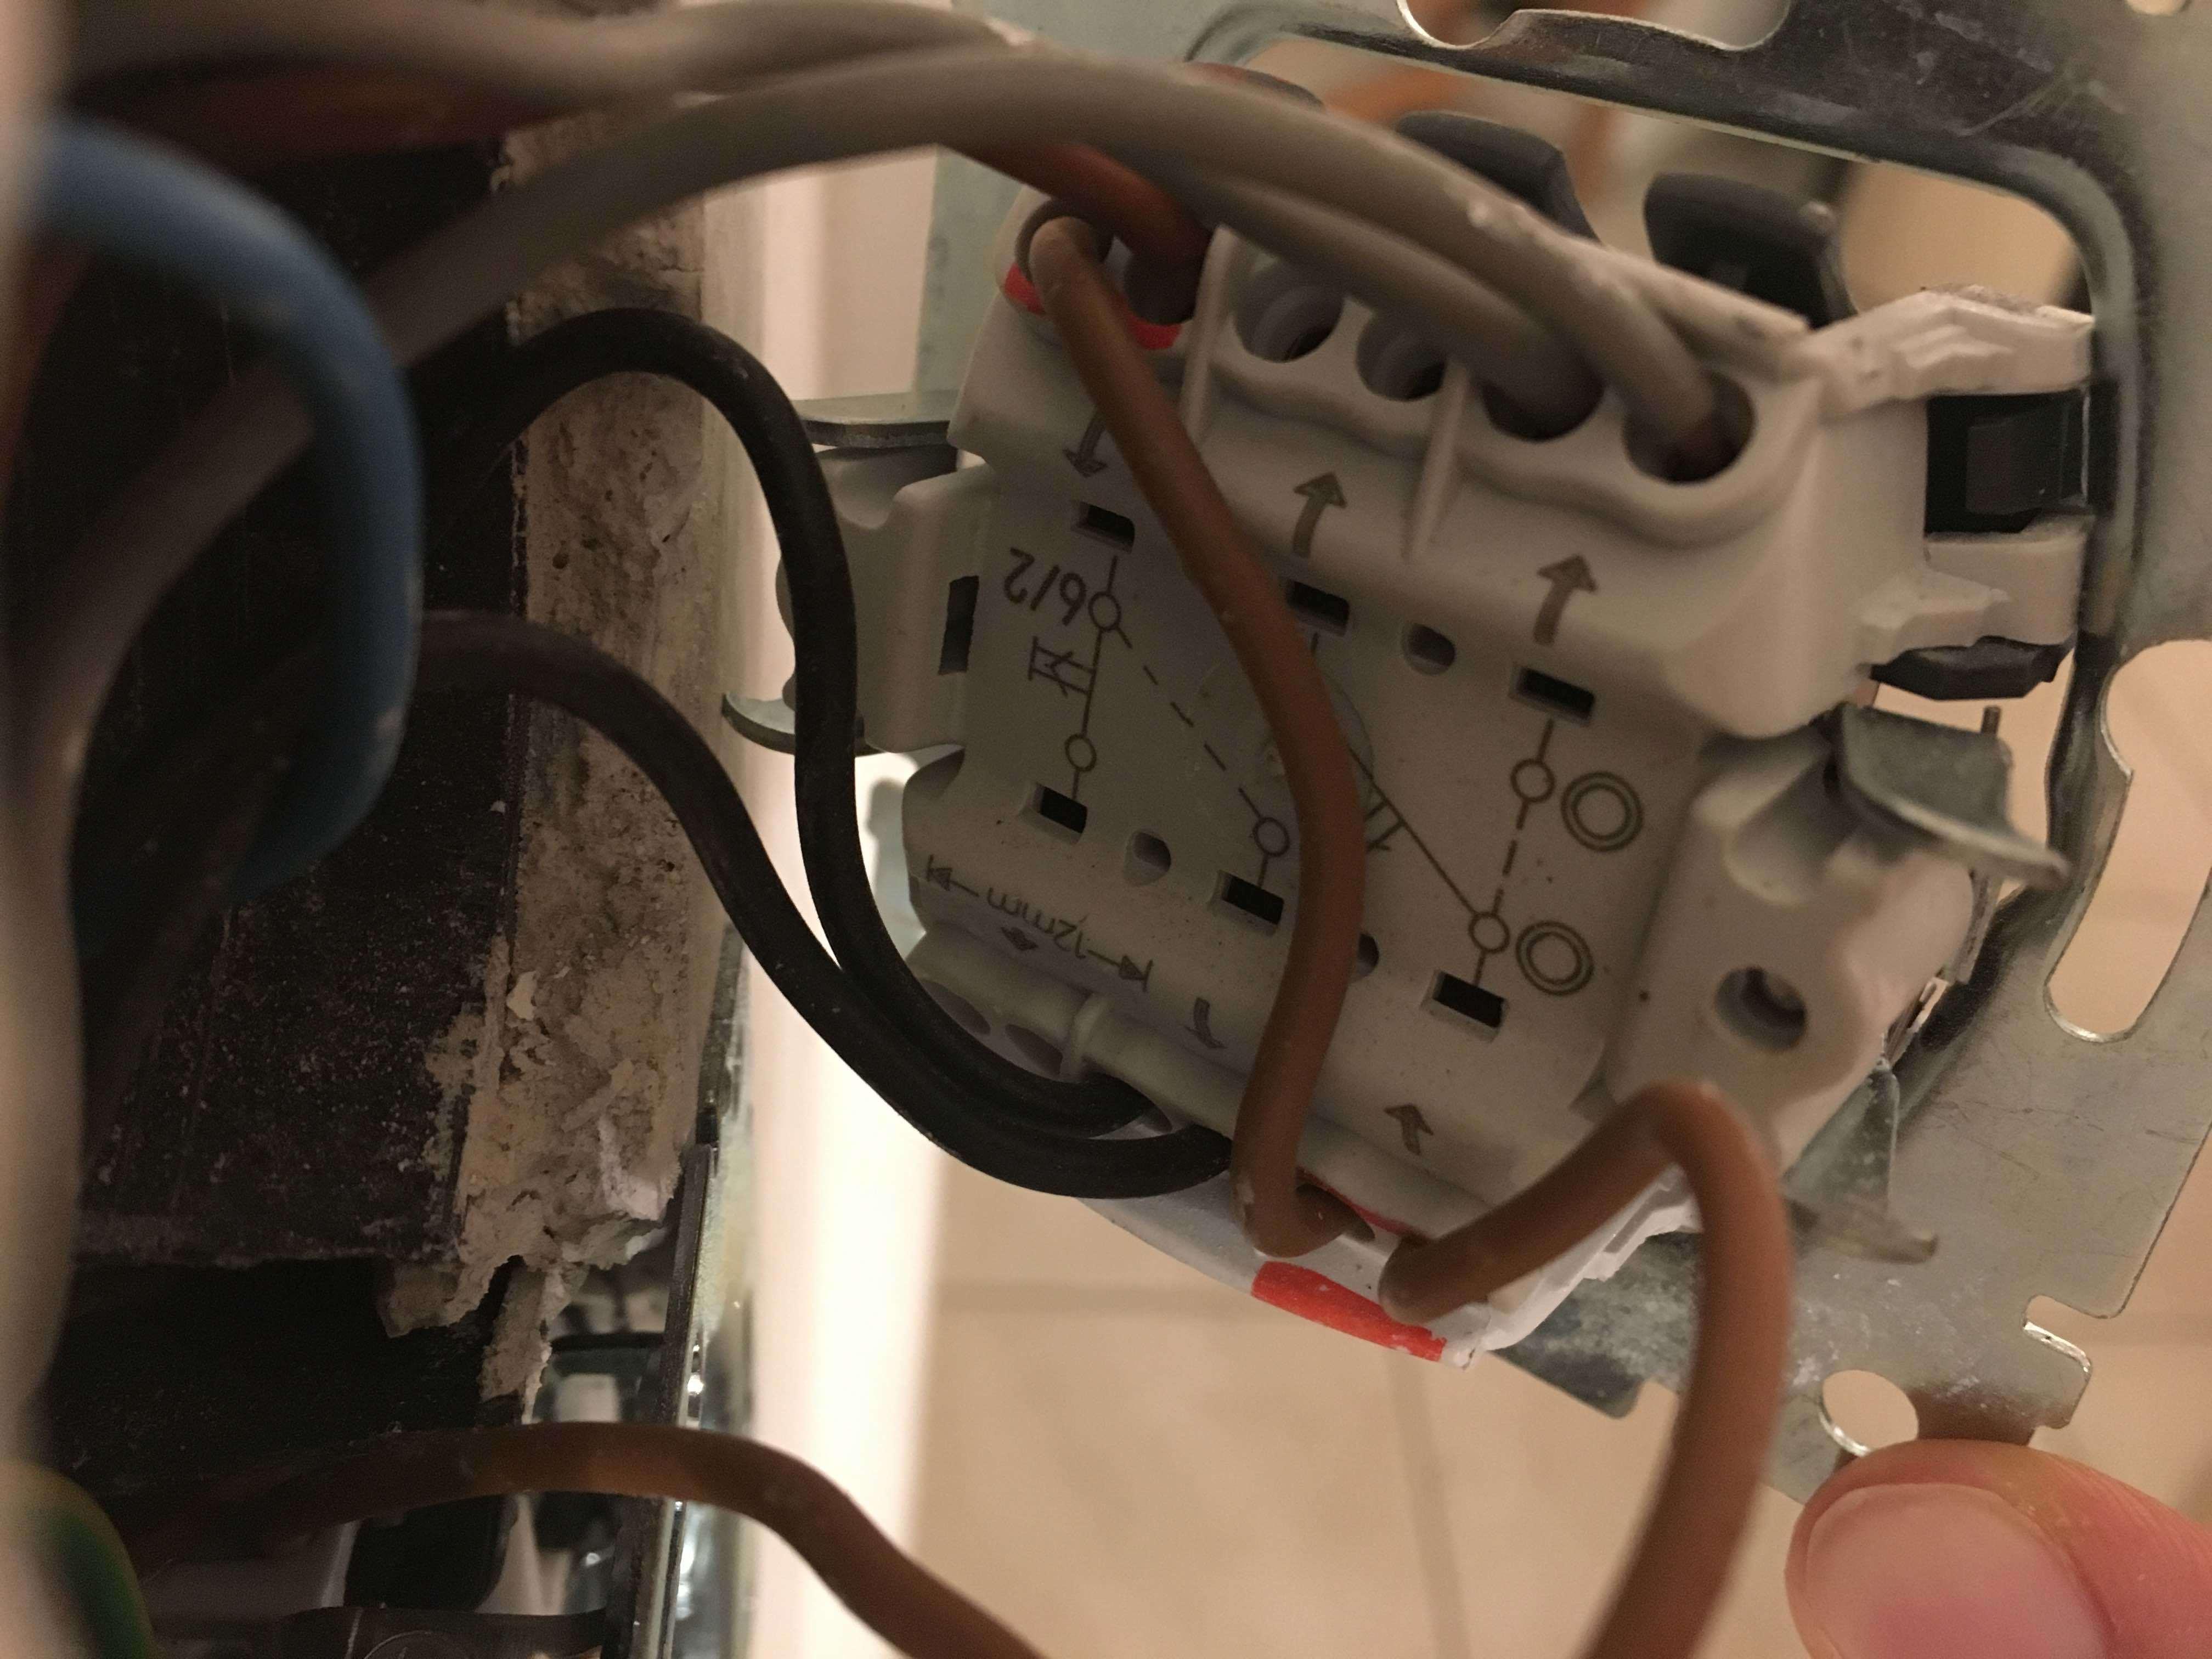 Relais-Schaltung smart machen - Schaltplan? - Smart Home Welt ...